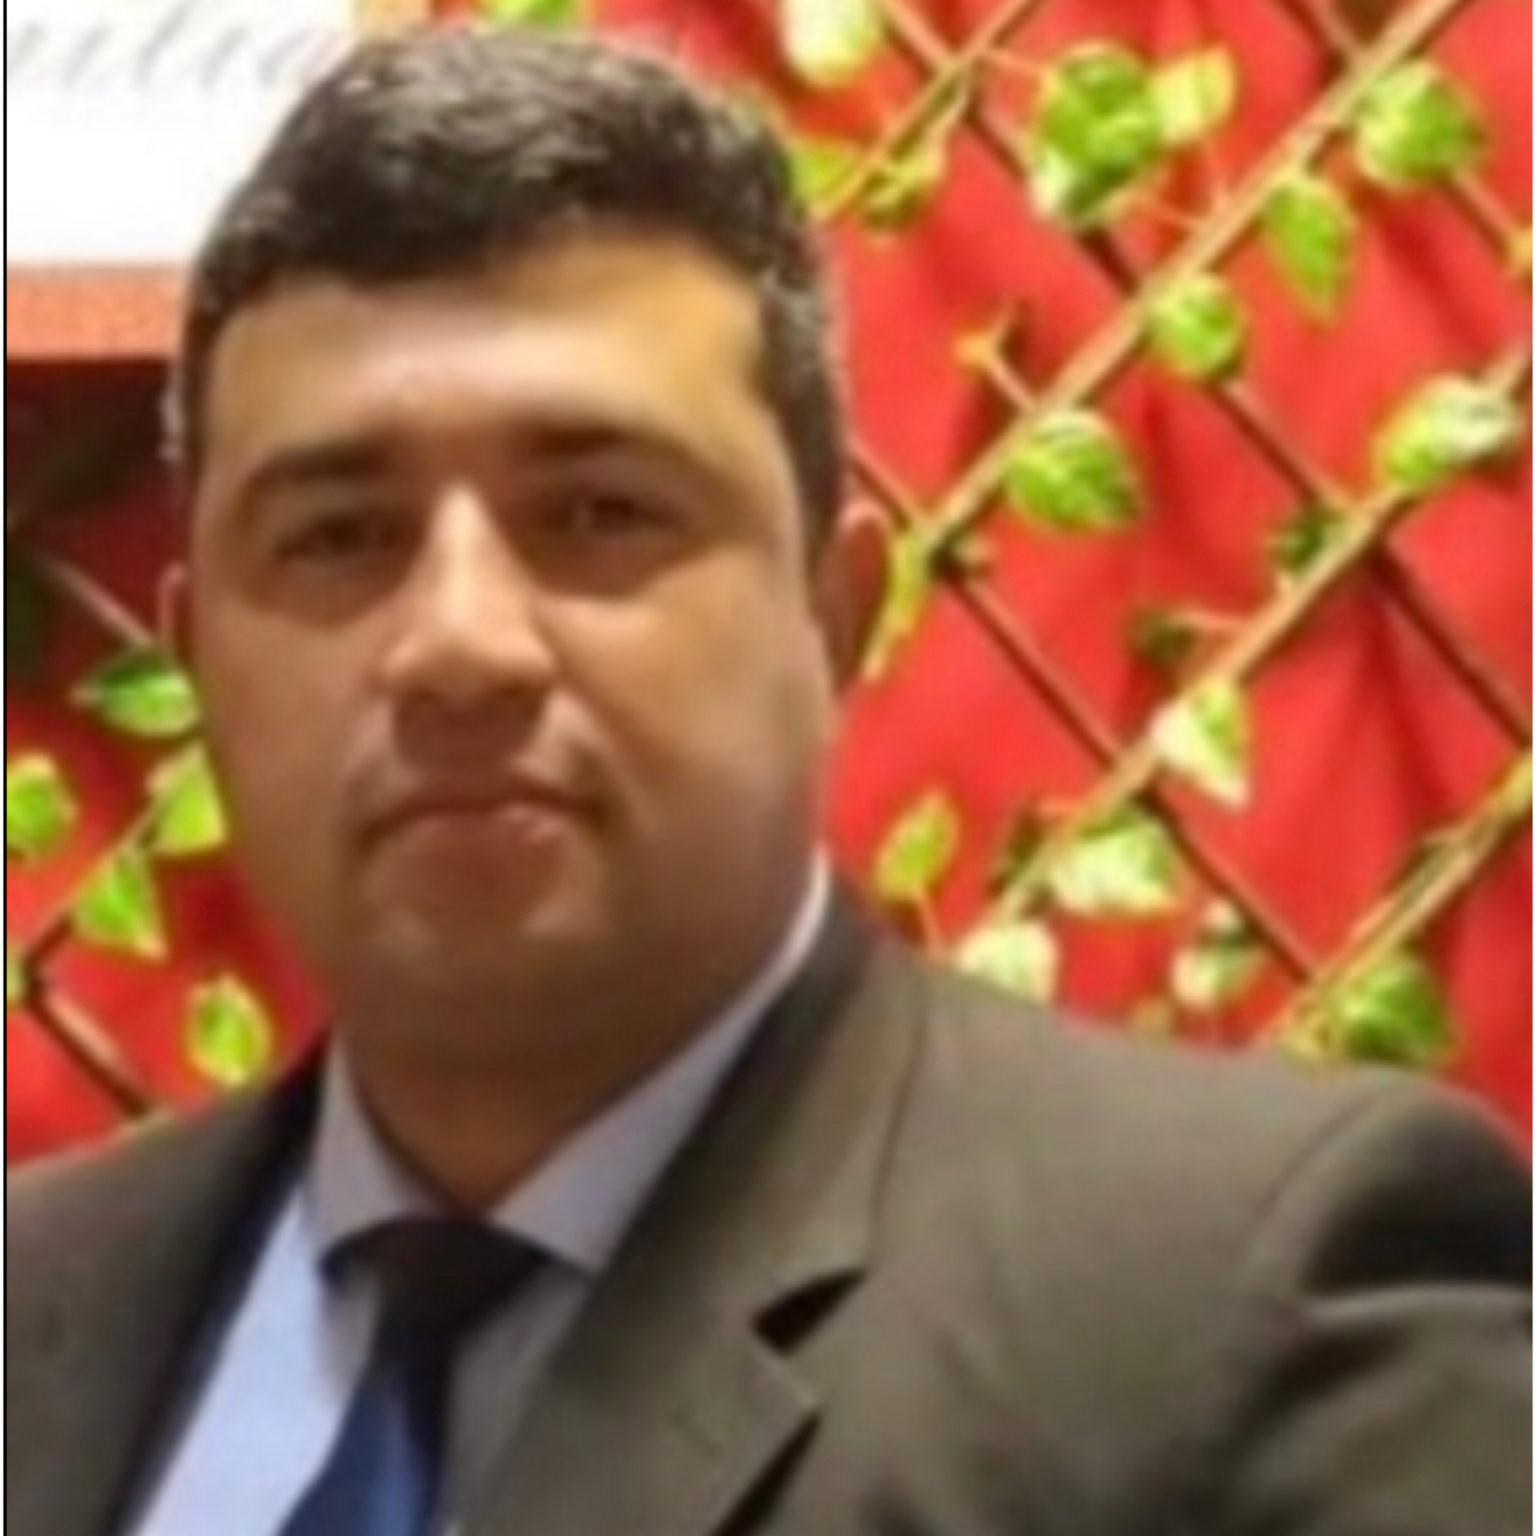 """Diretor do Hospital de Areia ameaça funcionários ao convocar para reunião com o prefeito: """"quem não cumprir vai ser punido"""""""